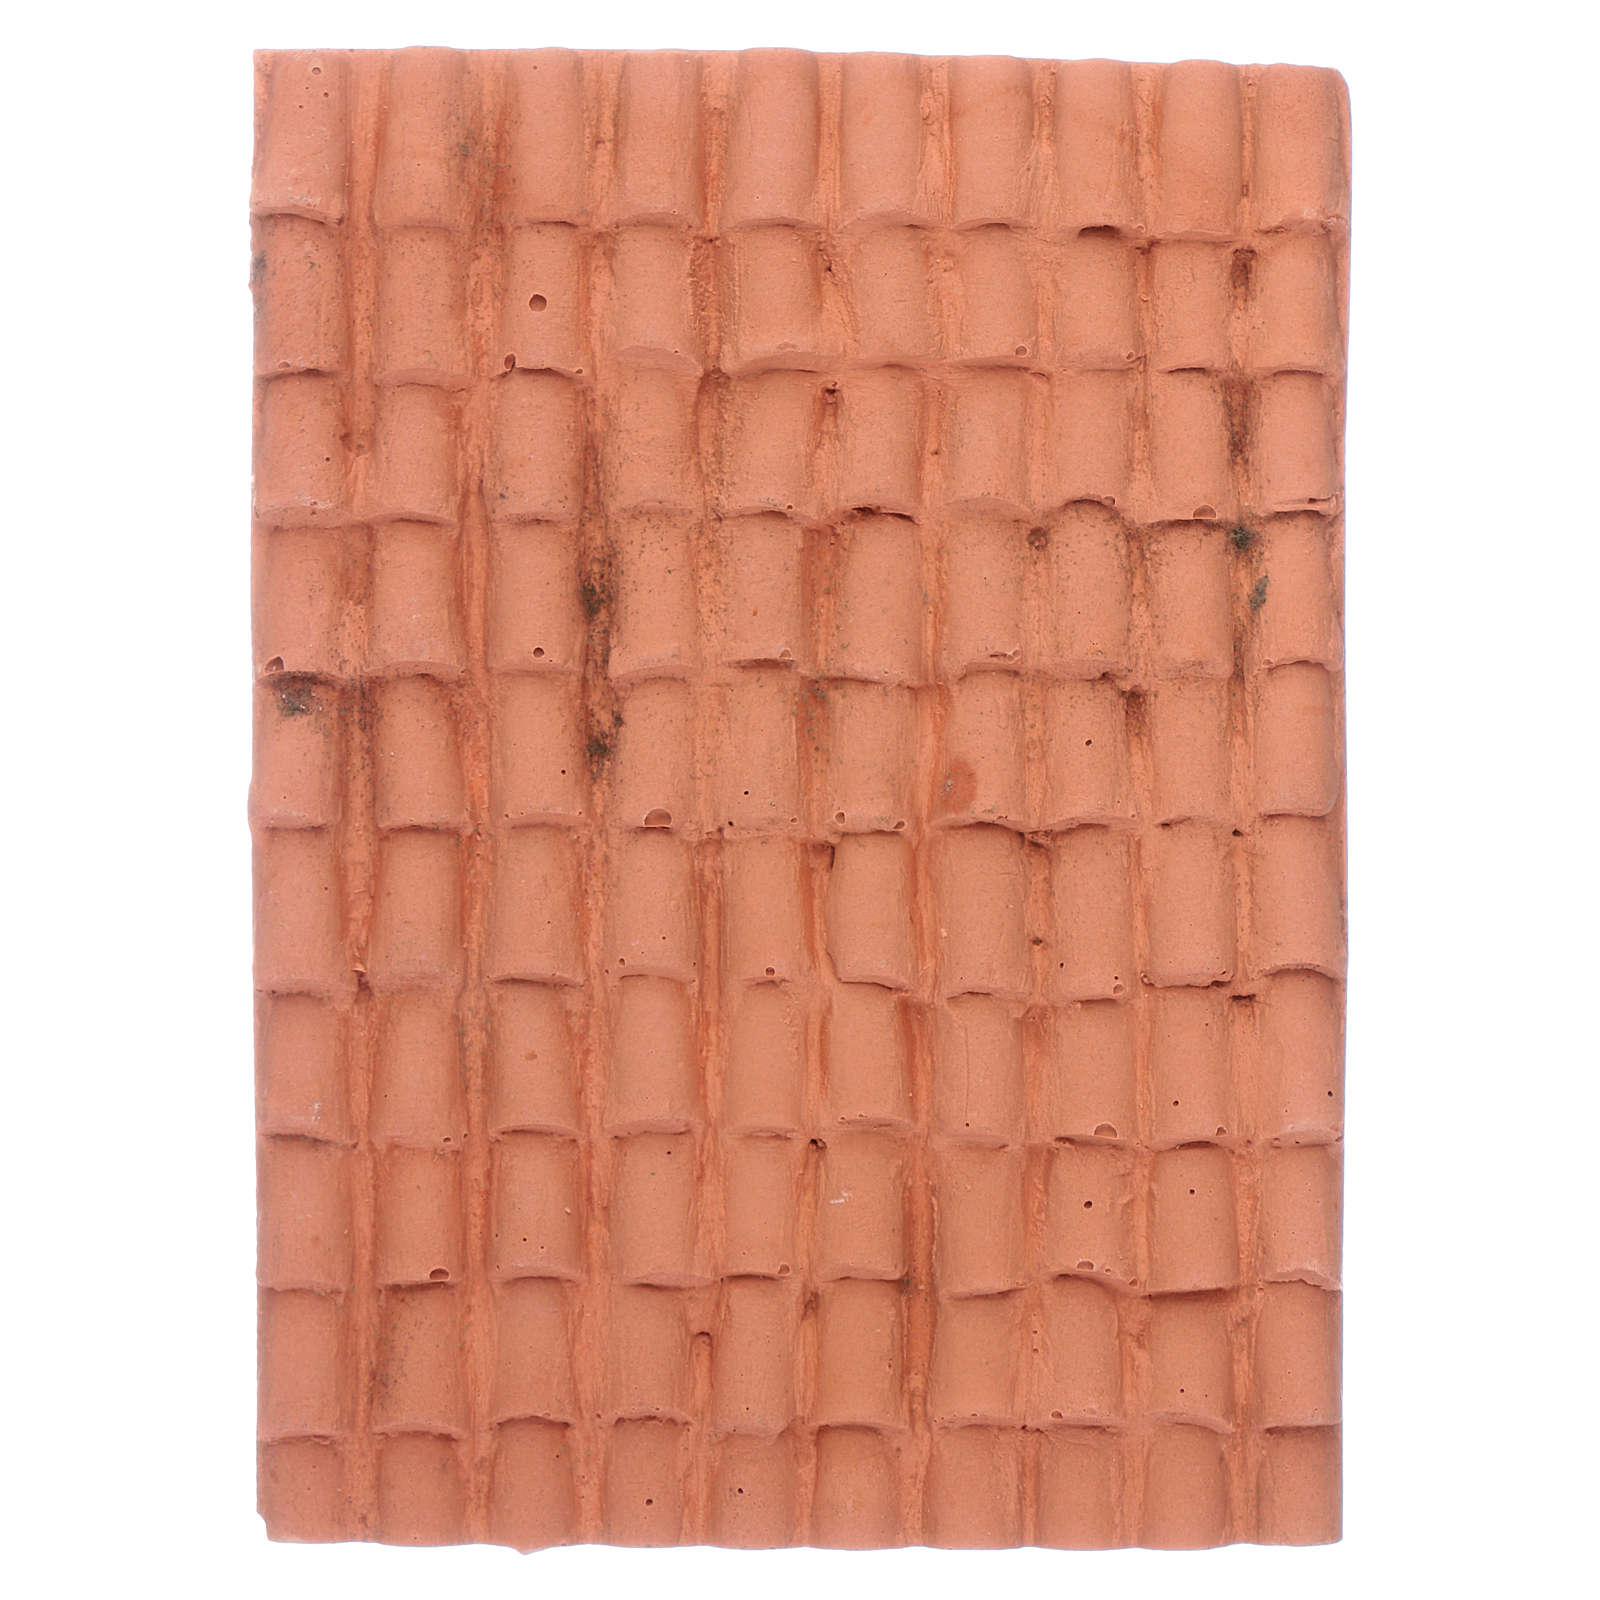 Accessoire toit avec tuiles en résine 10x5 cm 4